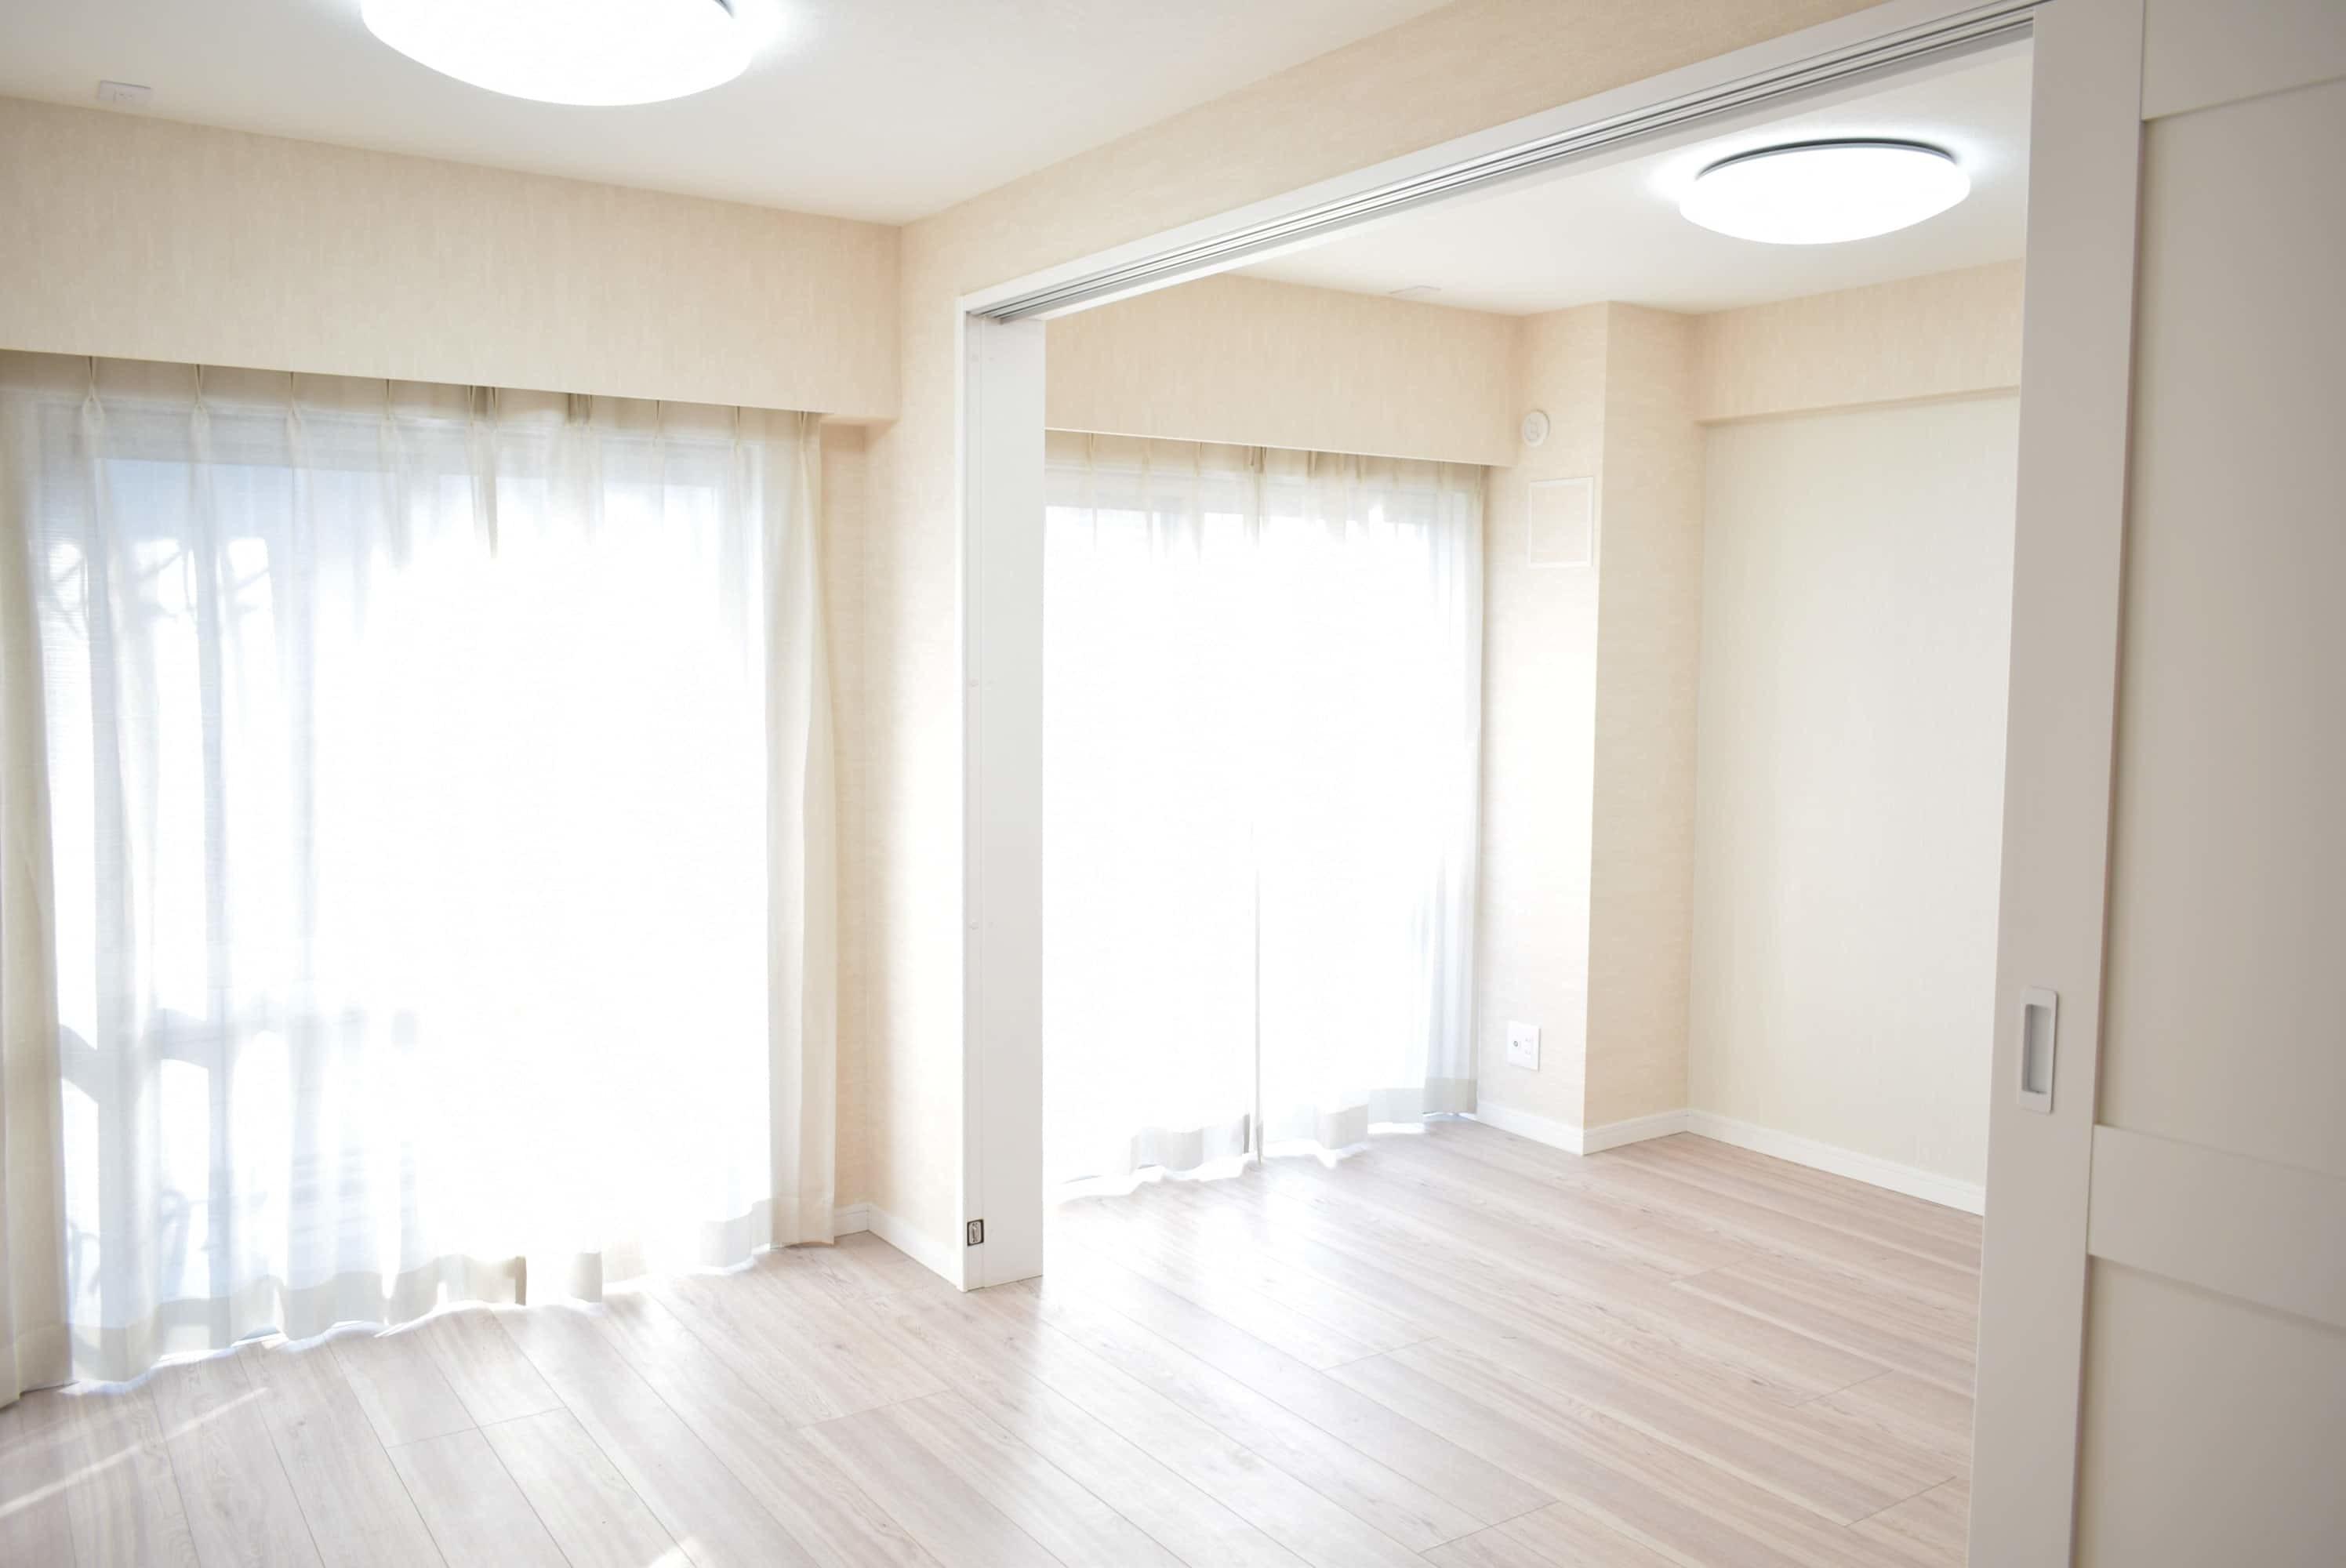 秀和麻布笄町レジデンス(3階,4380万円)1枚目